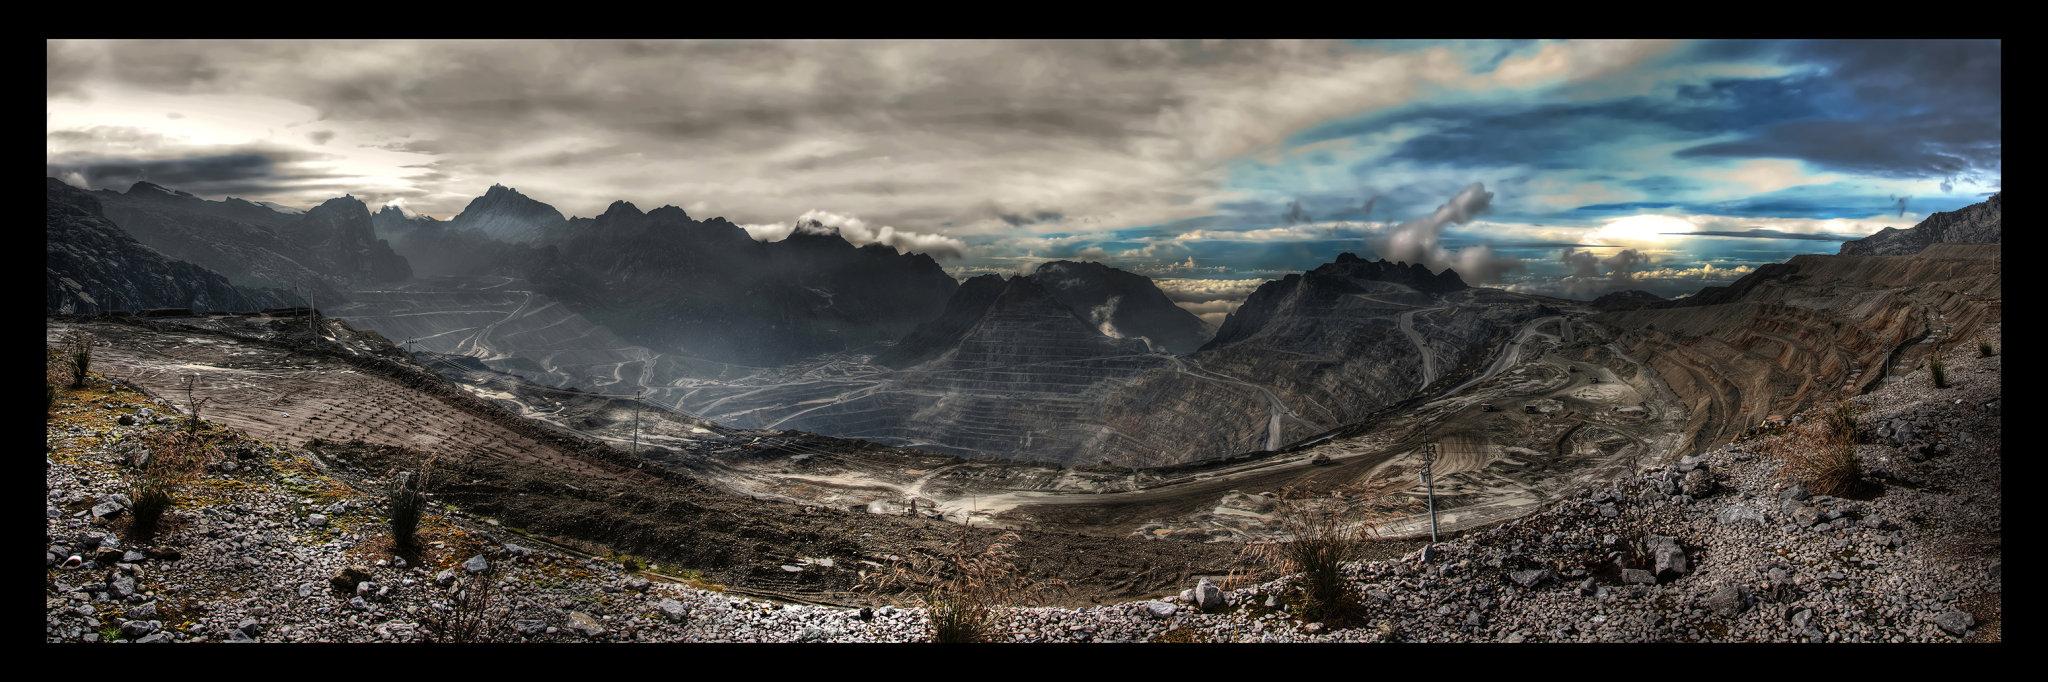 Grasberg, největší měděný důl na světě.